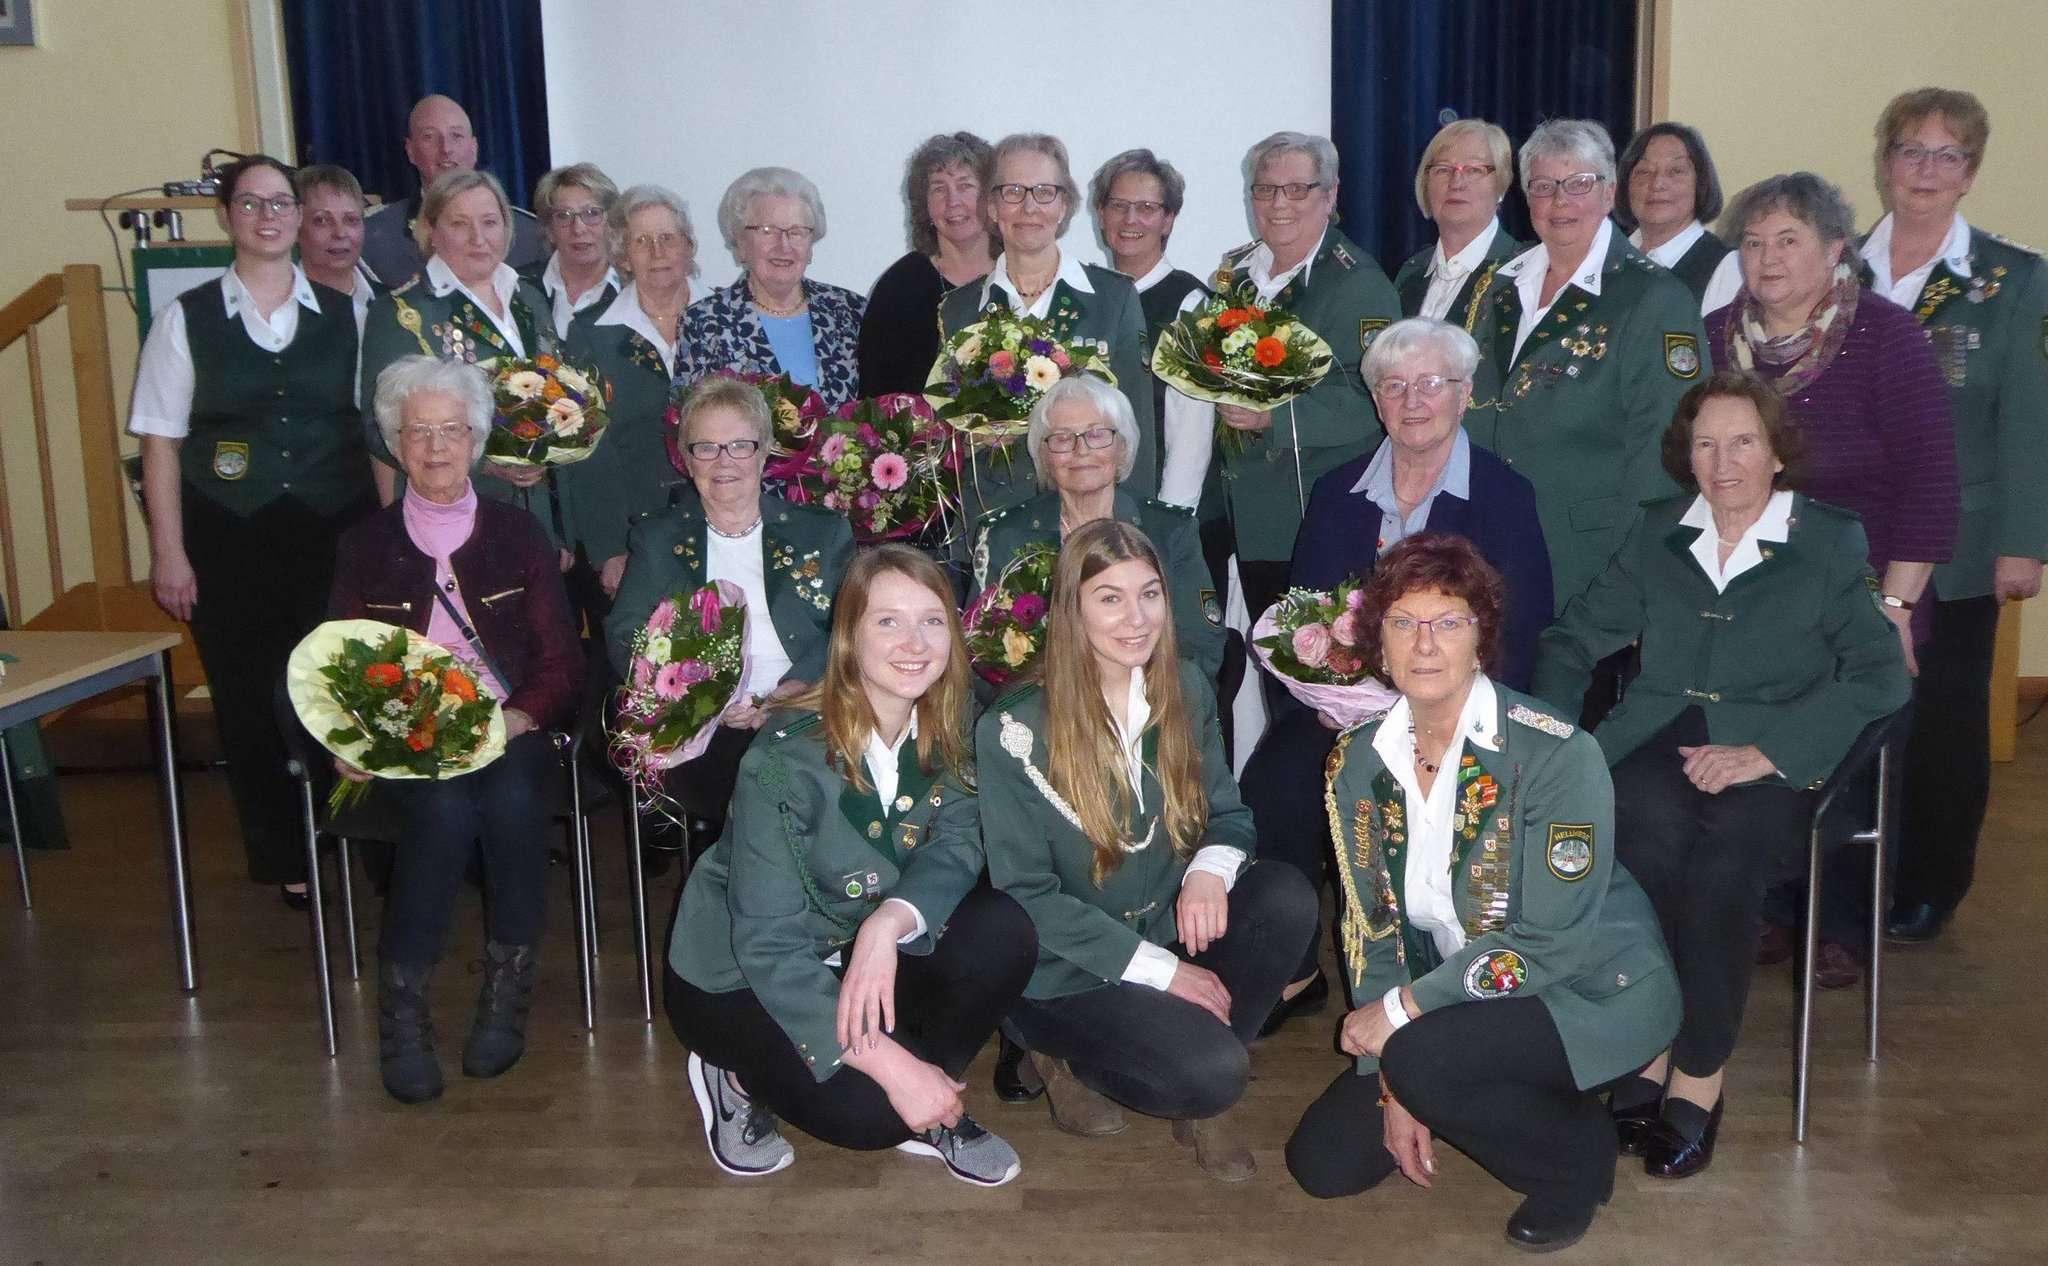 Die Damenabteilung des Schützenvereins Hellwege feiert 50-jähriges Bestehen.